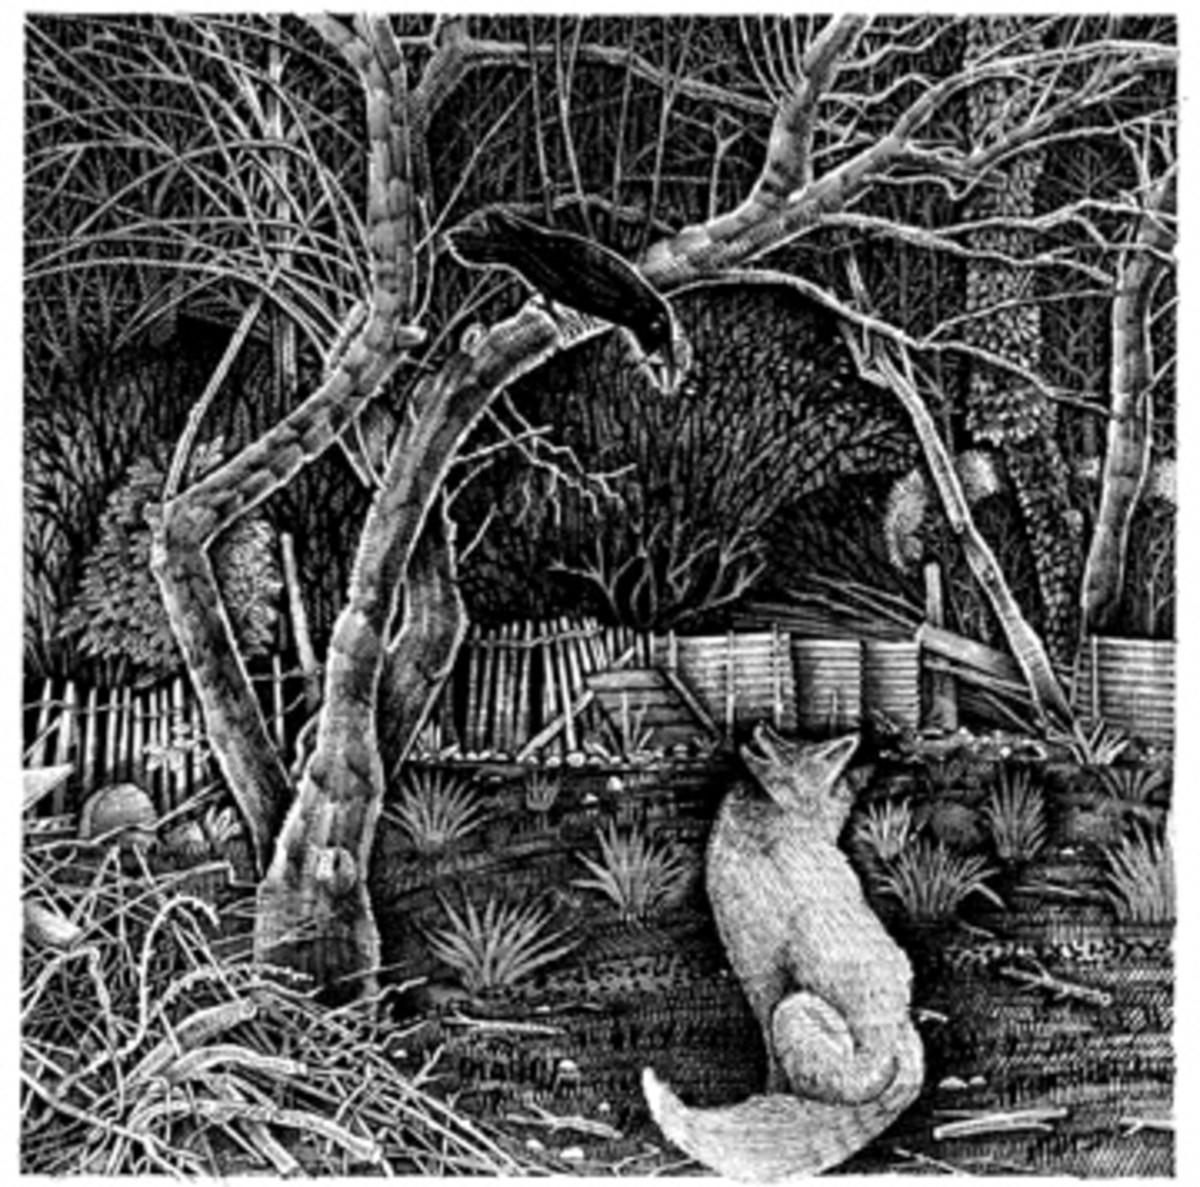 animal-spirits-totems-ravens-crows